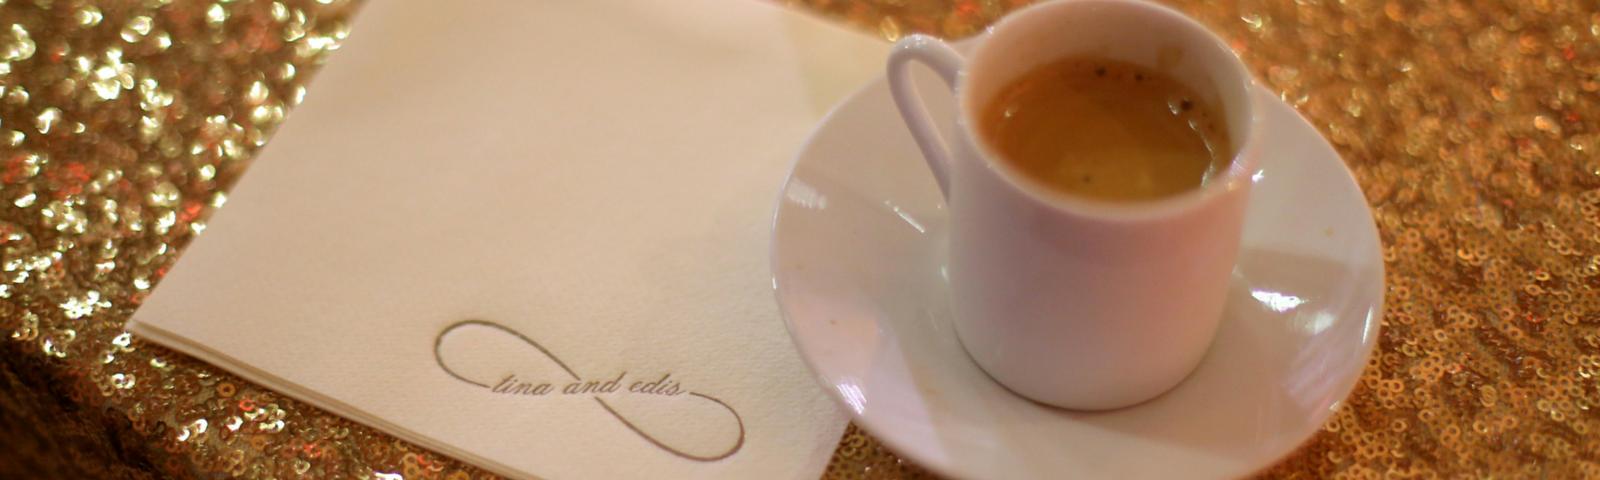 Glittering Espresso Dave Wedding Service